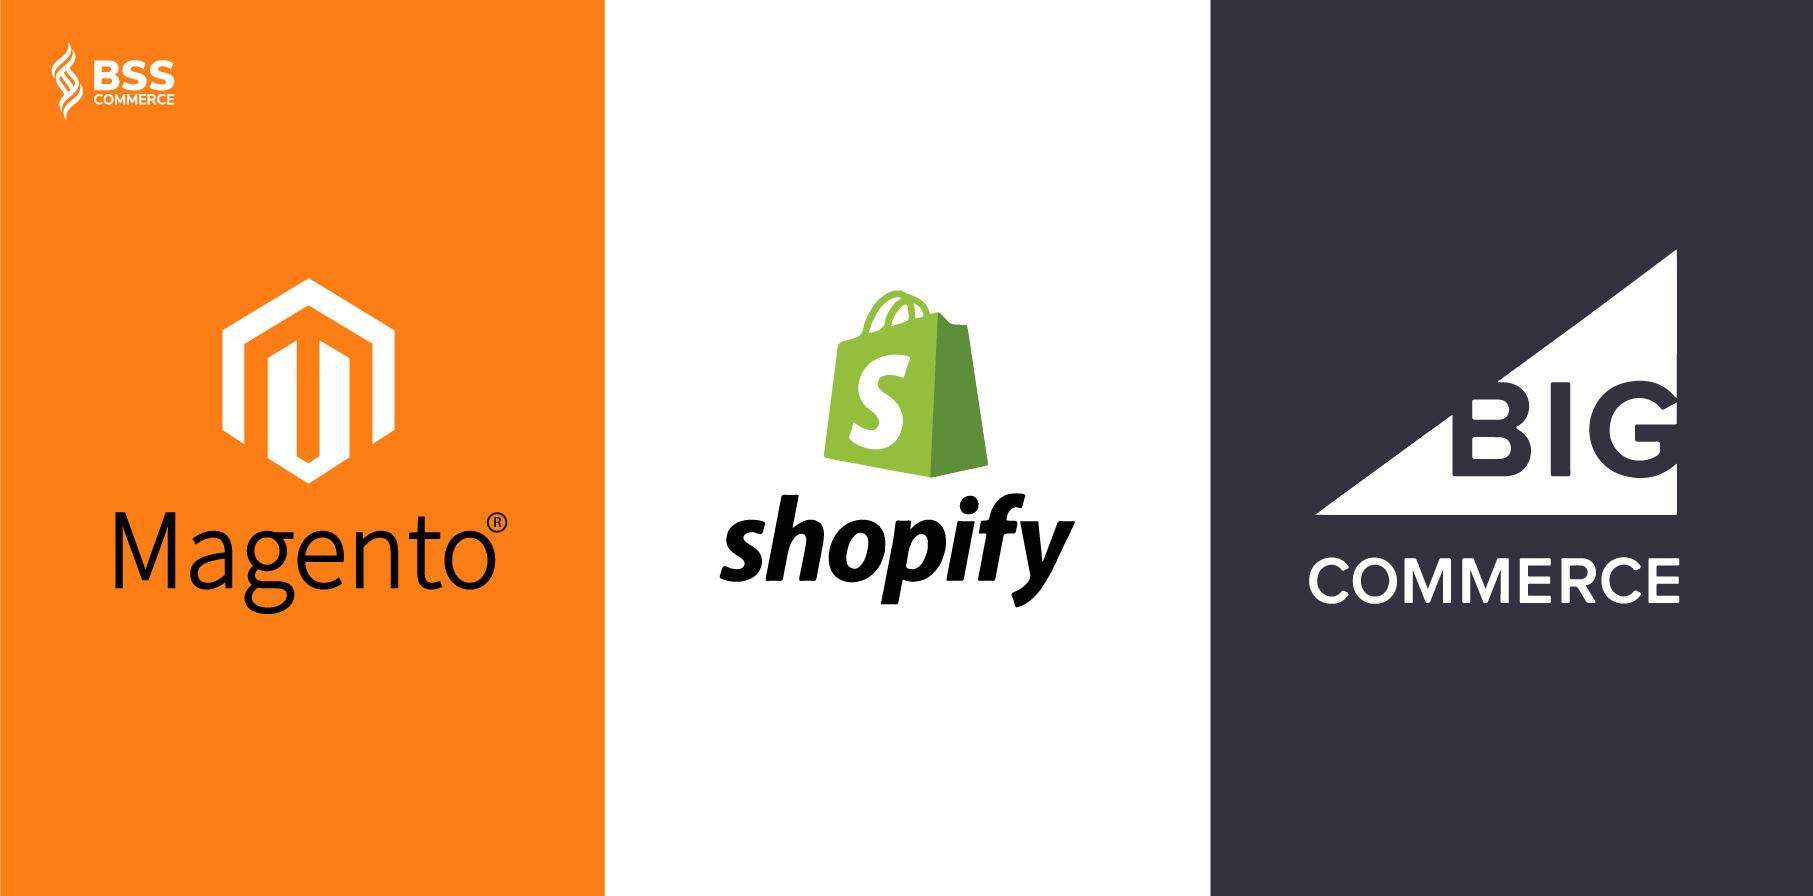 magento-shopify-bigcommerce